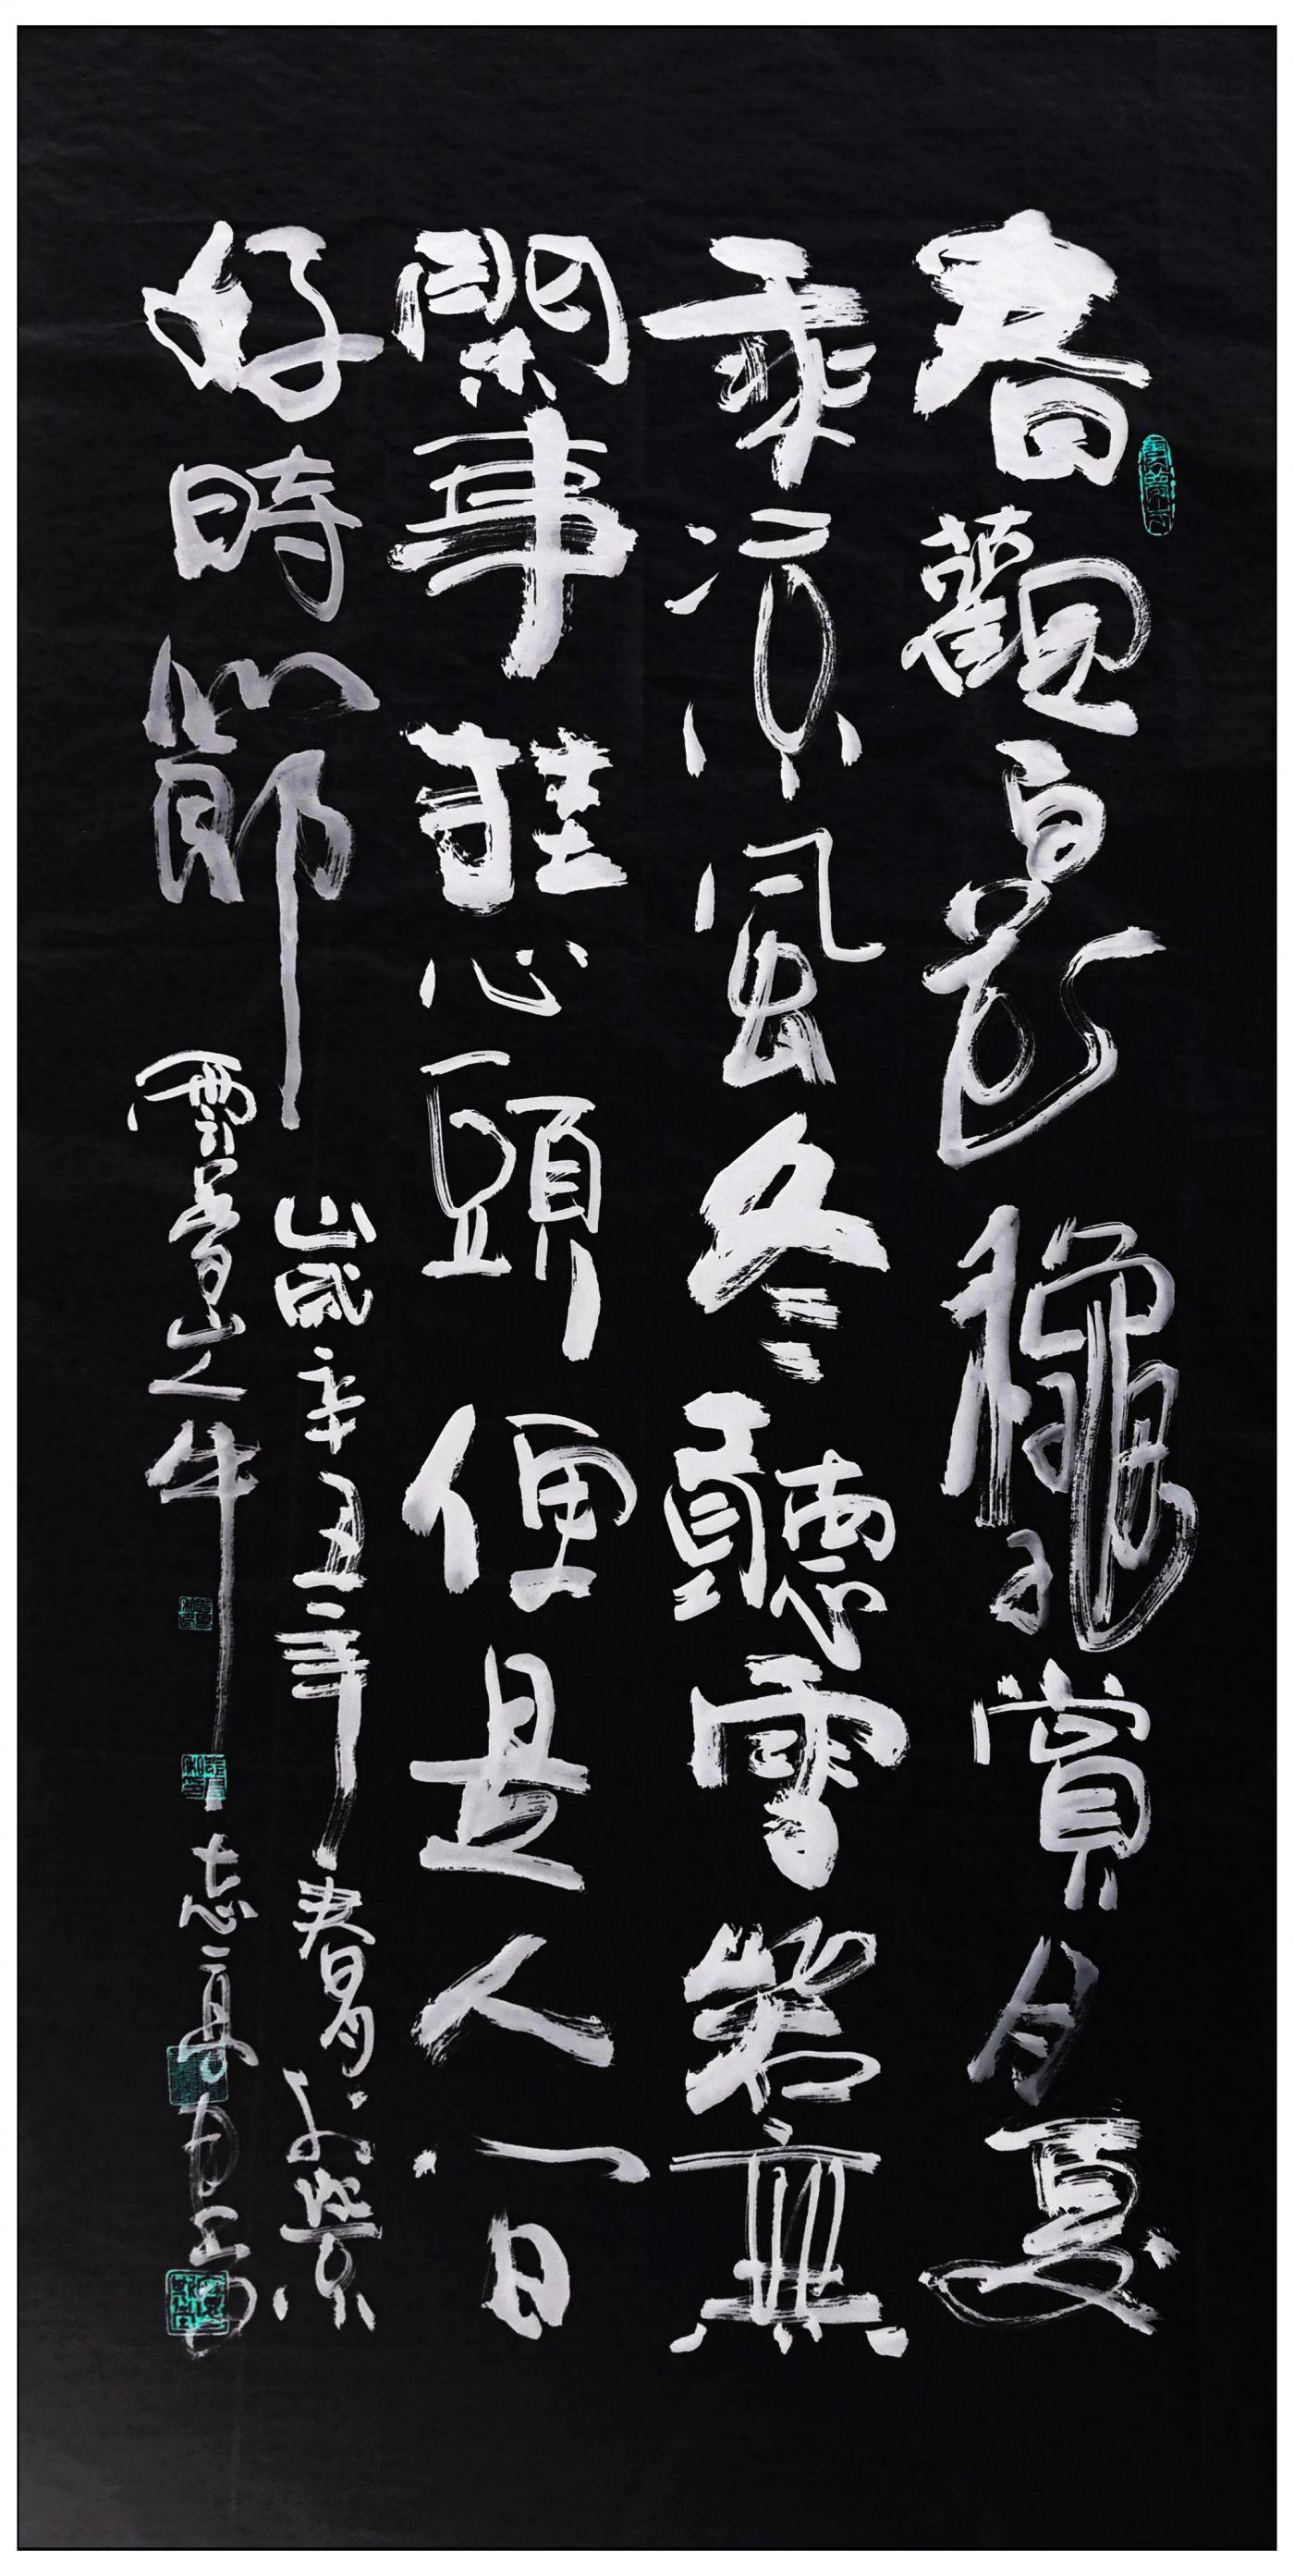 牛志高书法---2021.03.18_图1-1